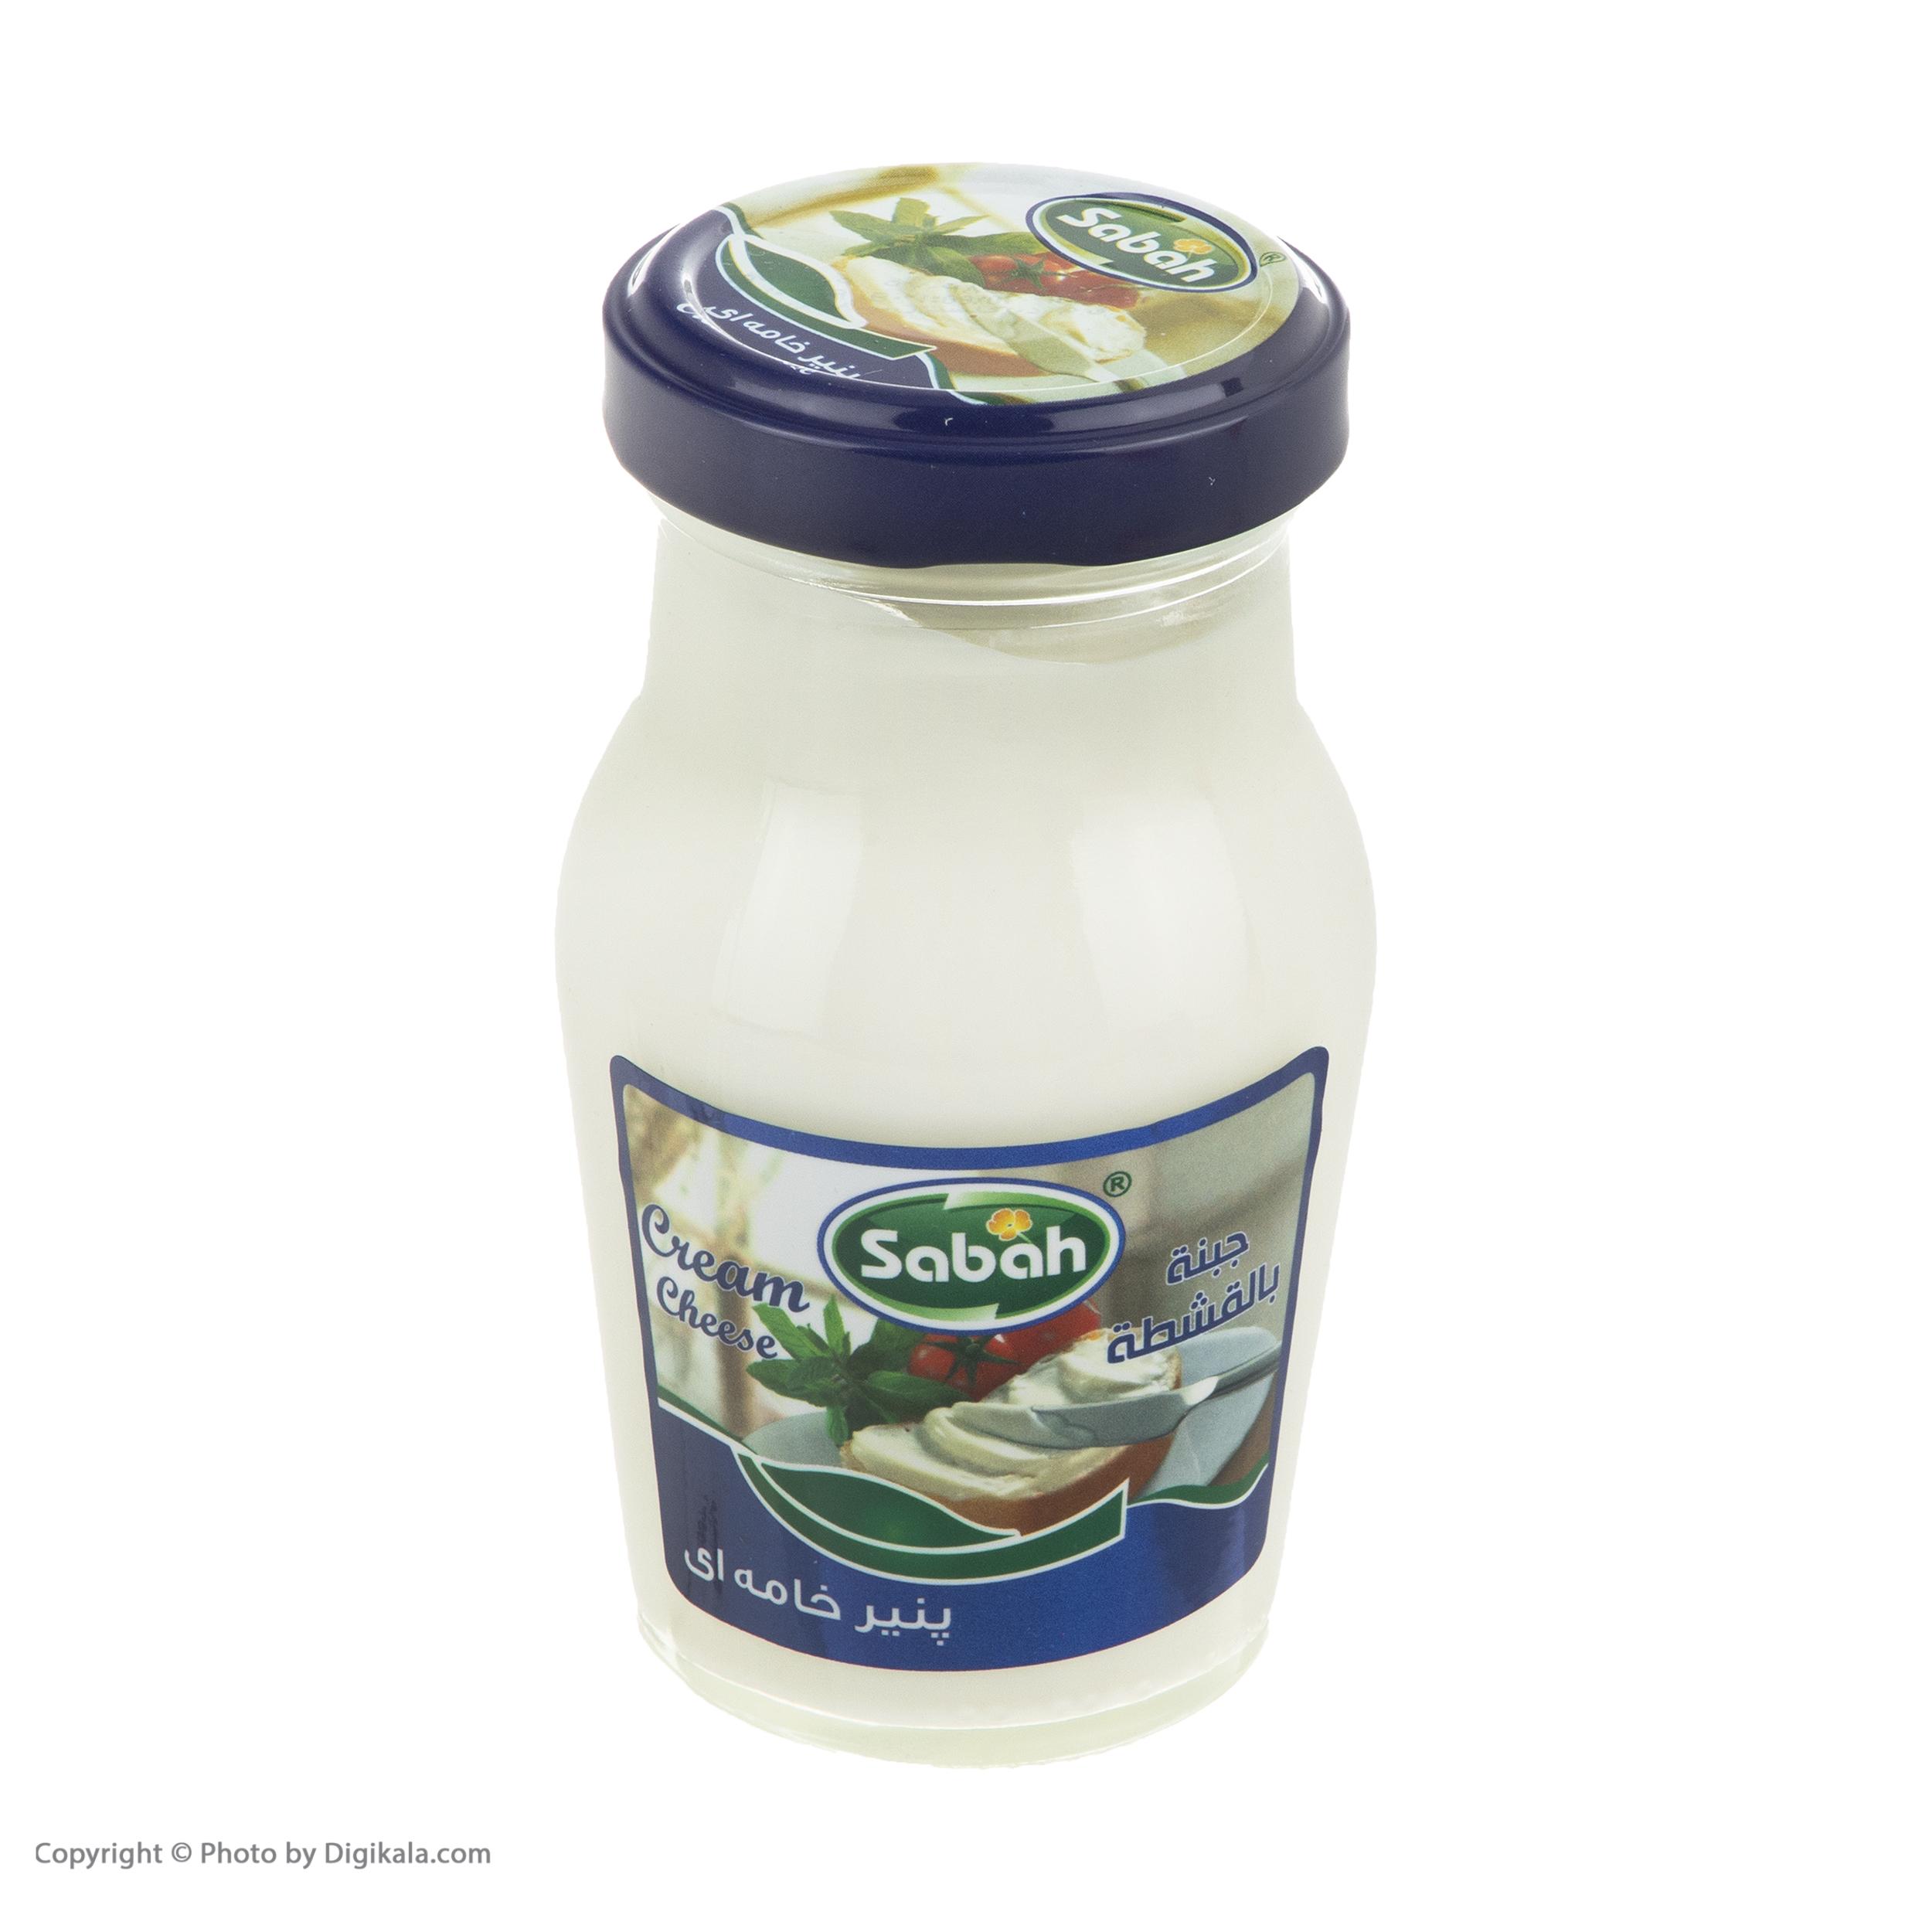 پنیر خامه ای صباح - 240 گرم main 1 2